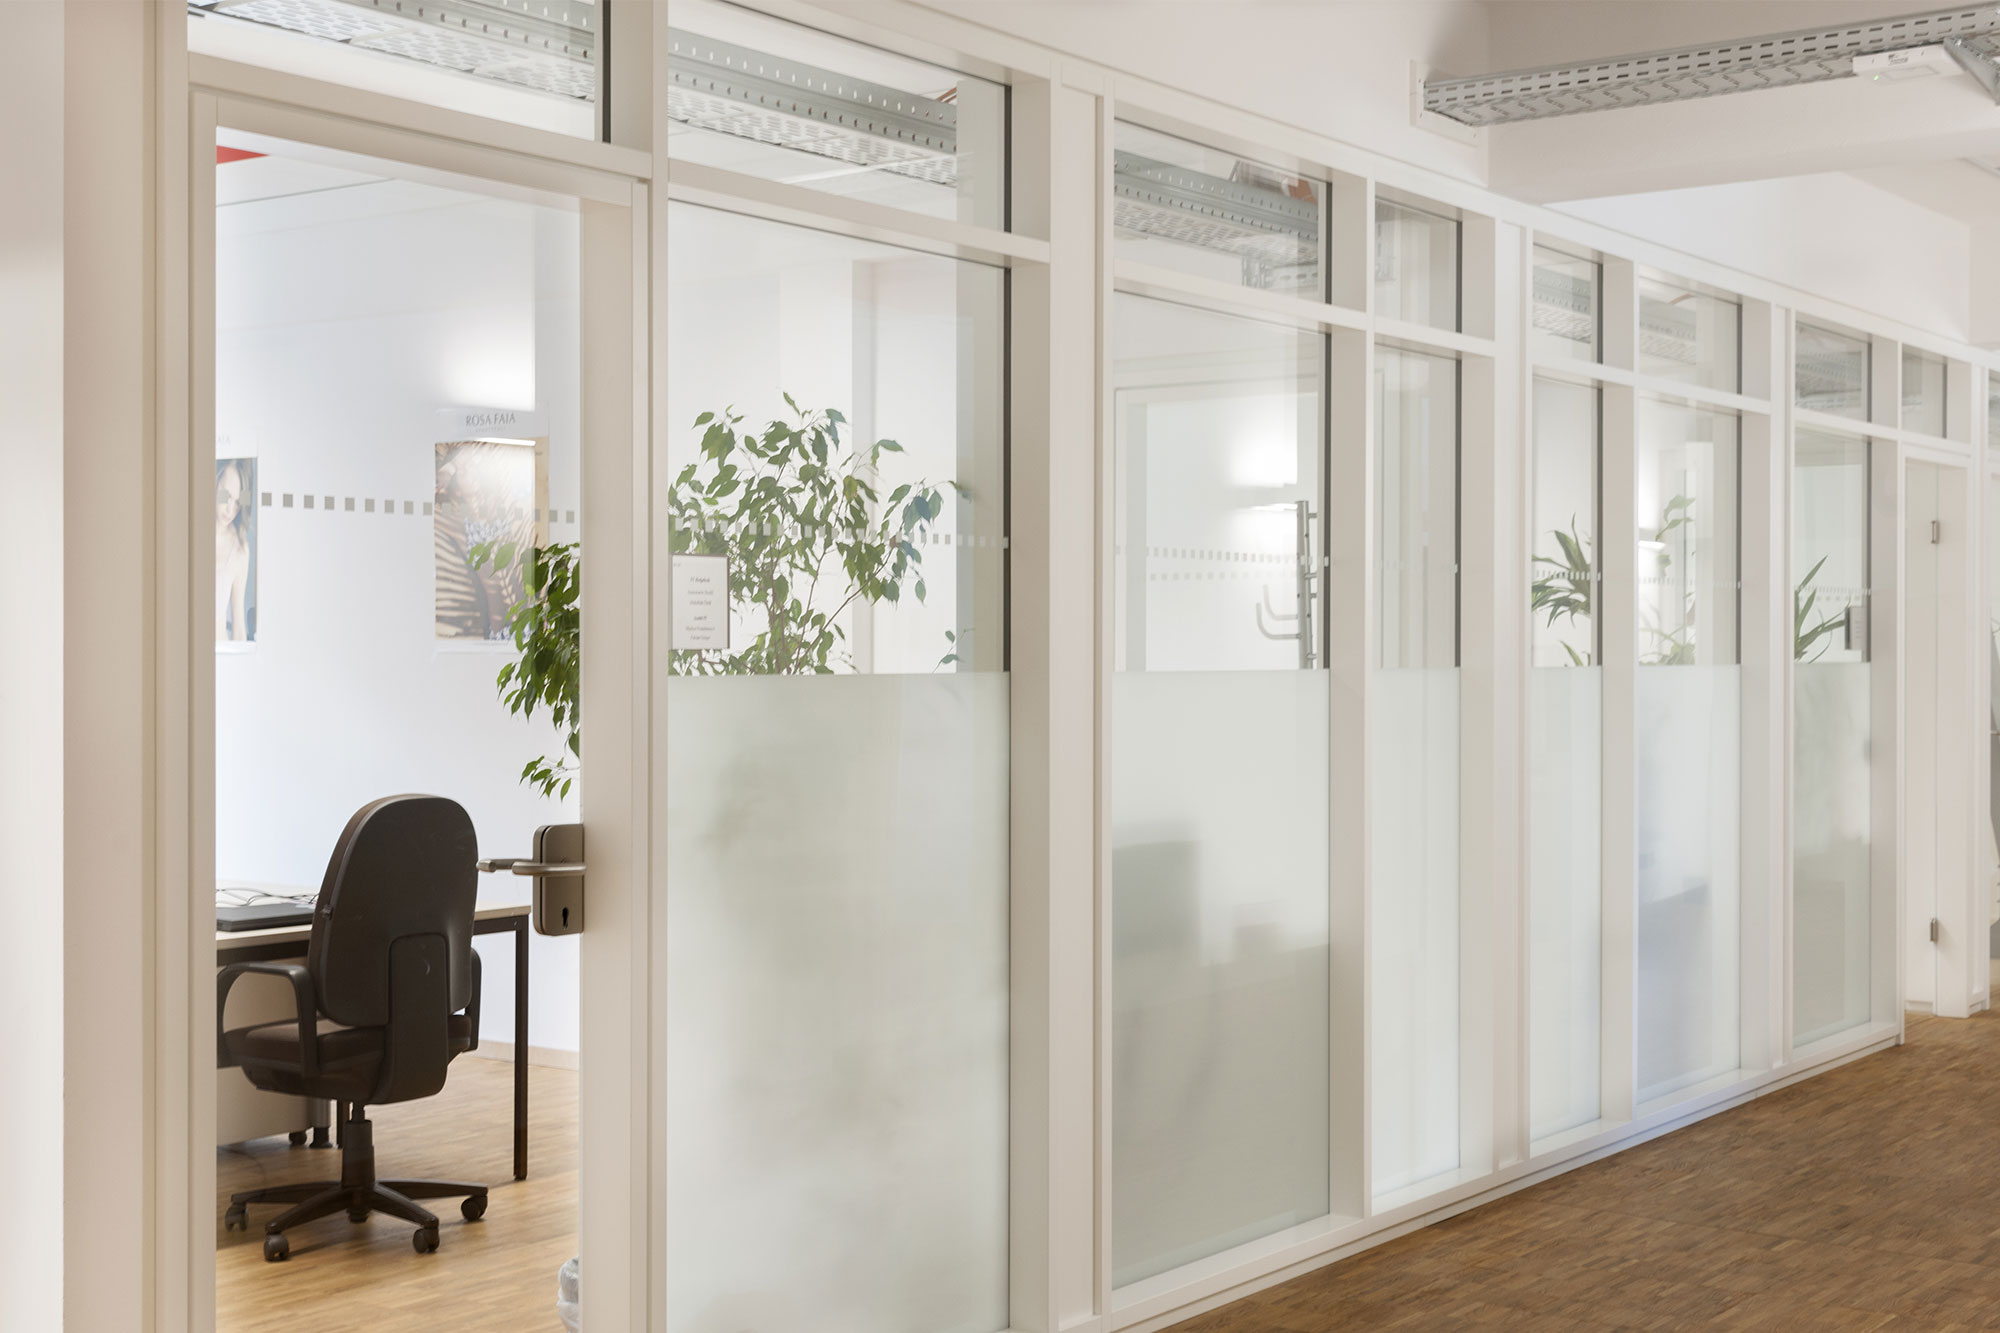 Tischlerei Stöckl Ebbs Inneneinrichtung Anita Raumsystem Büro Büroeinrichtung